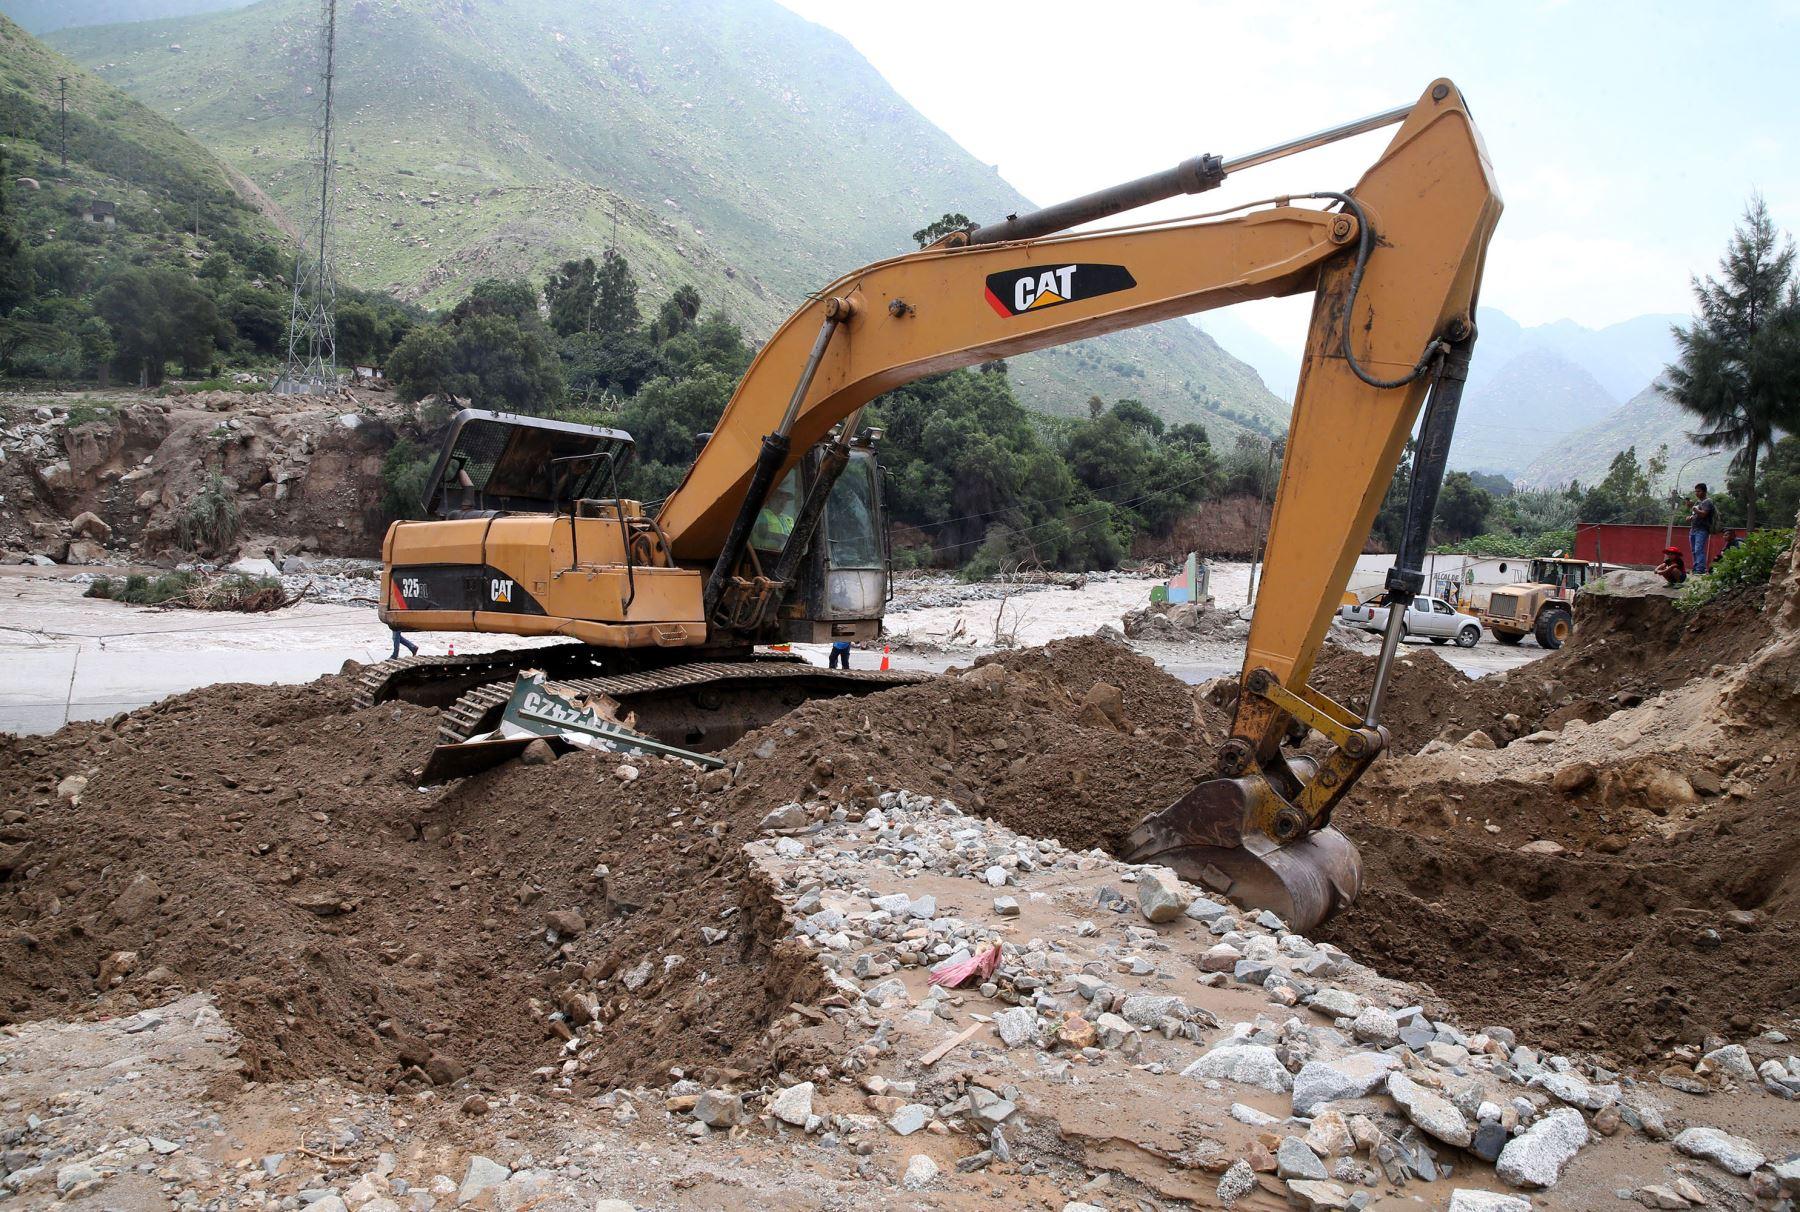 Los trabajos de reconstrucción continúan en la costa norte de Perú. Foto: Agencia Andina.